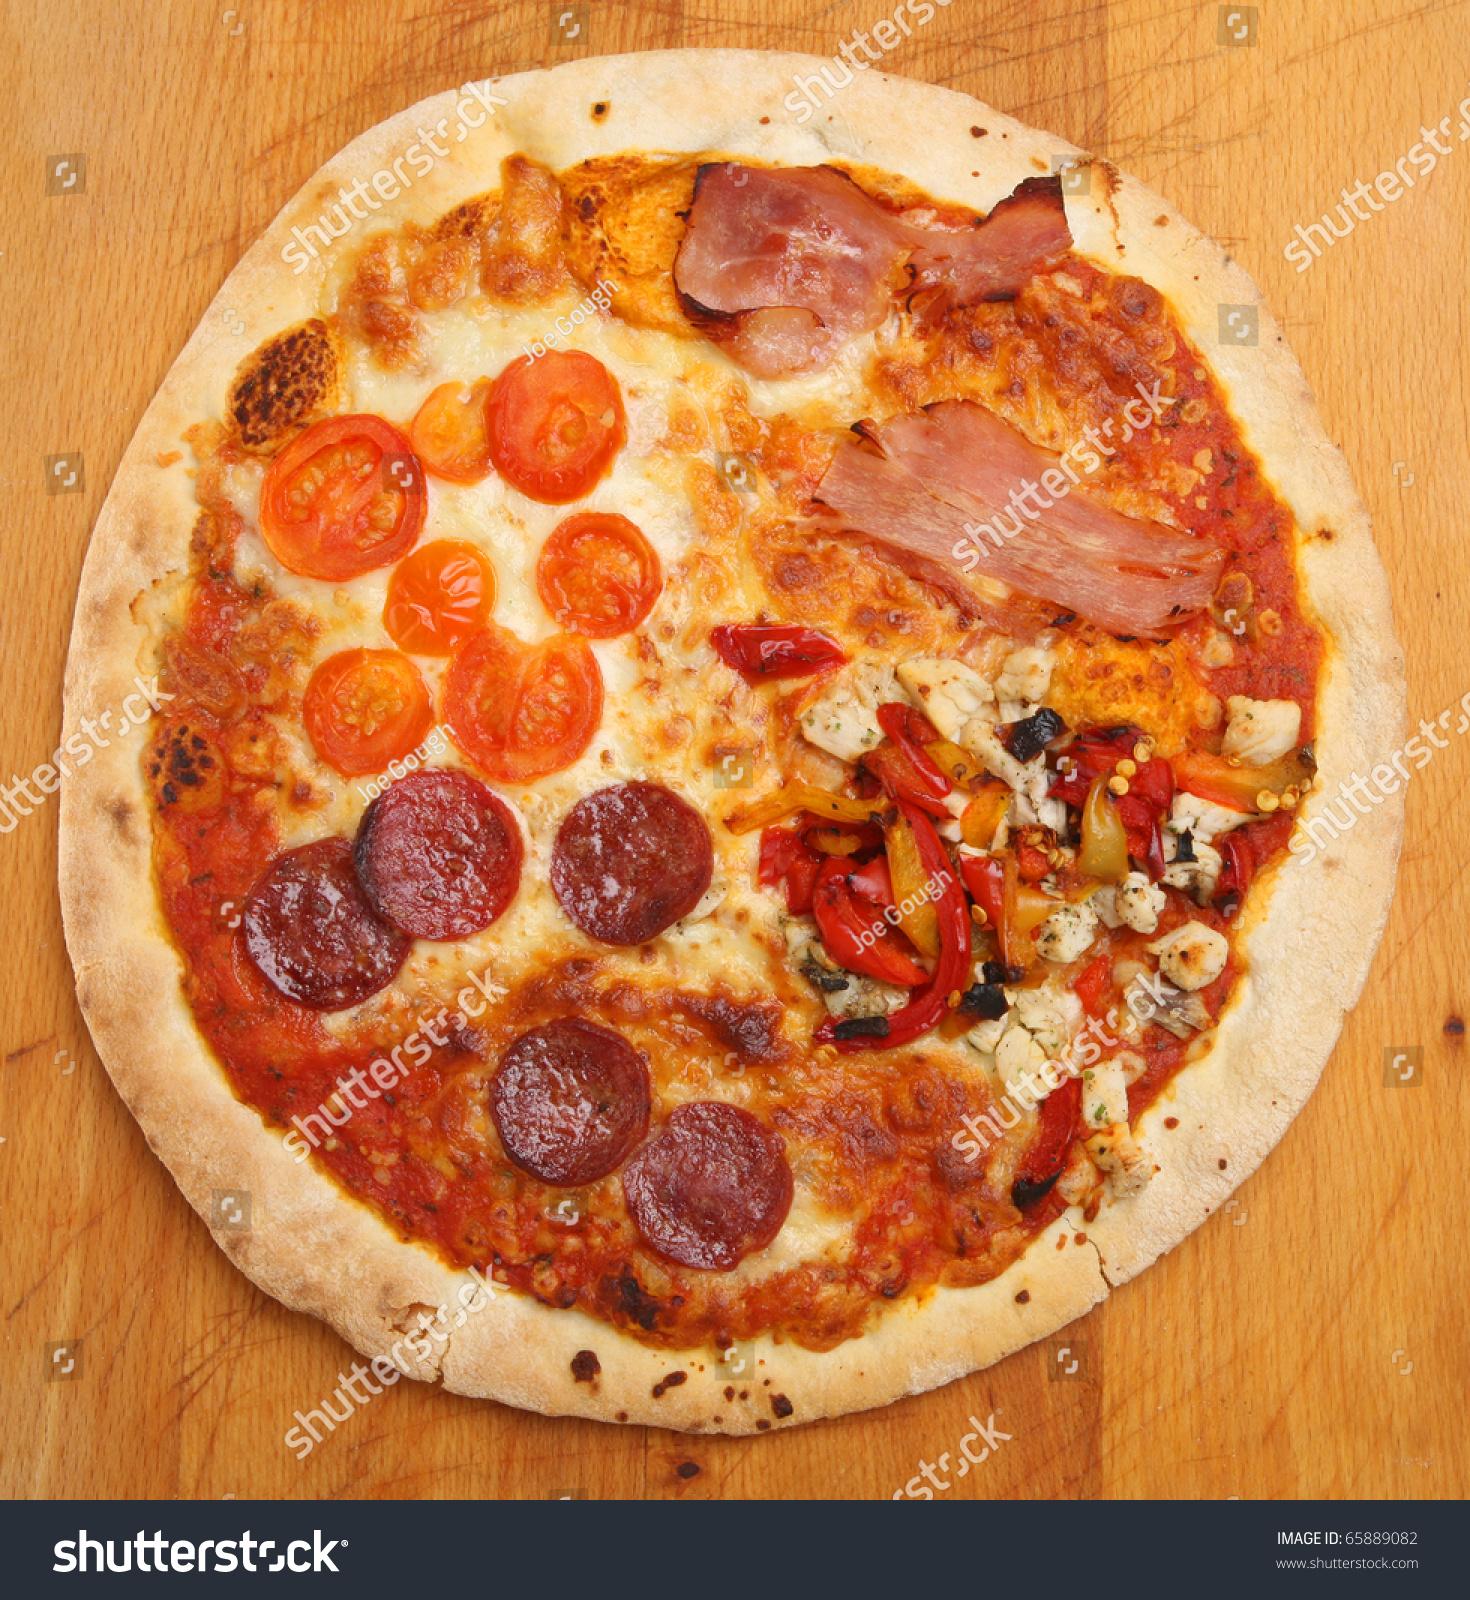 pizza 39 quattro stagioni 39 stock photo 65889082 shutterstock. Black Bedroom Furniture Sets. Home Design Ideas